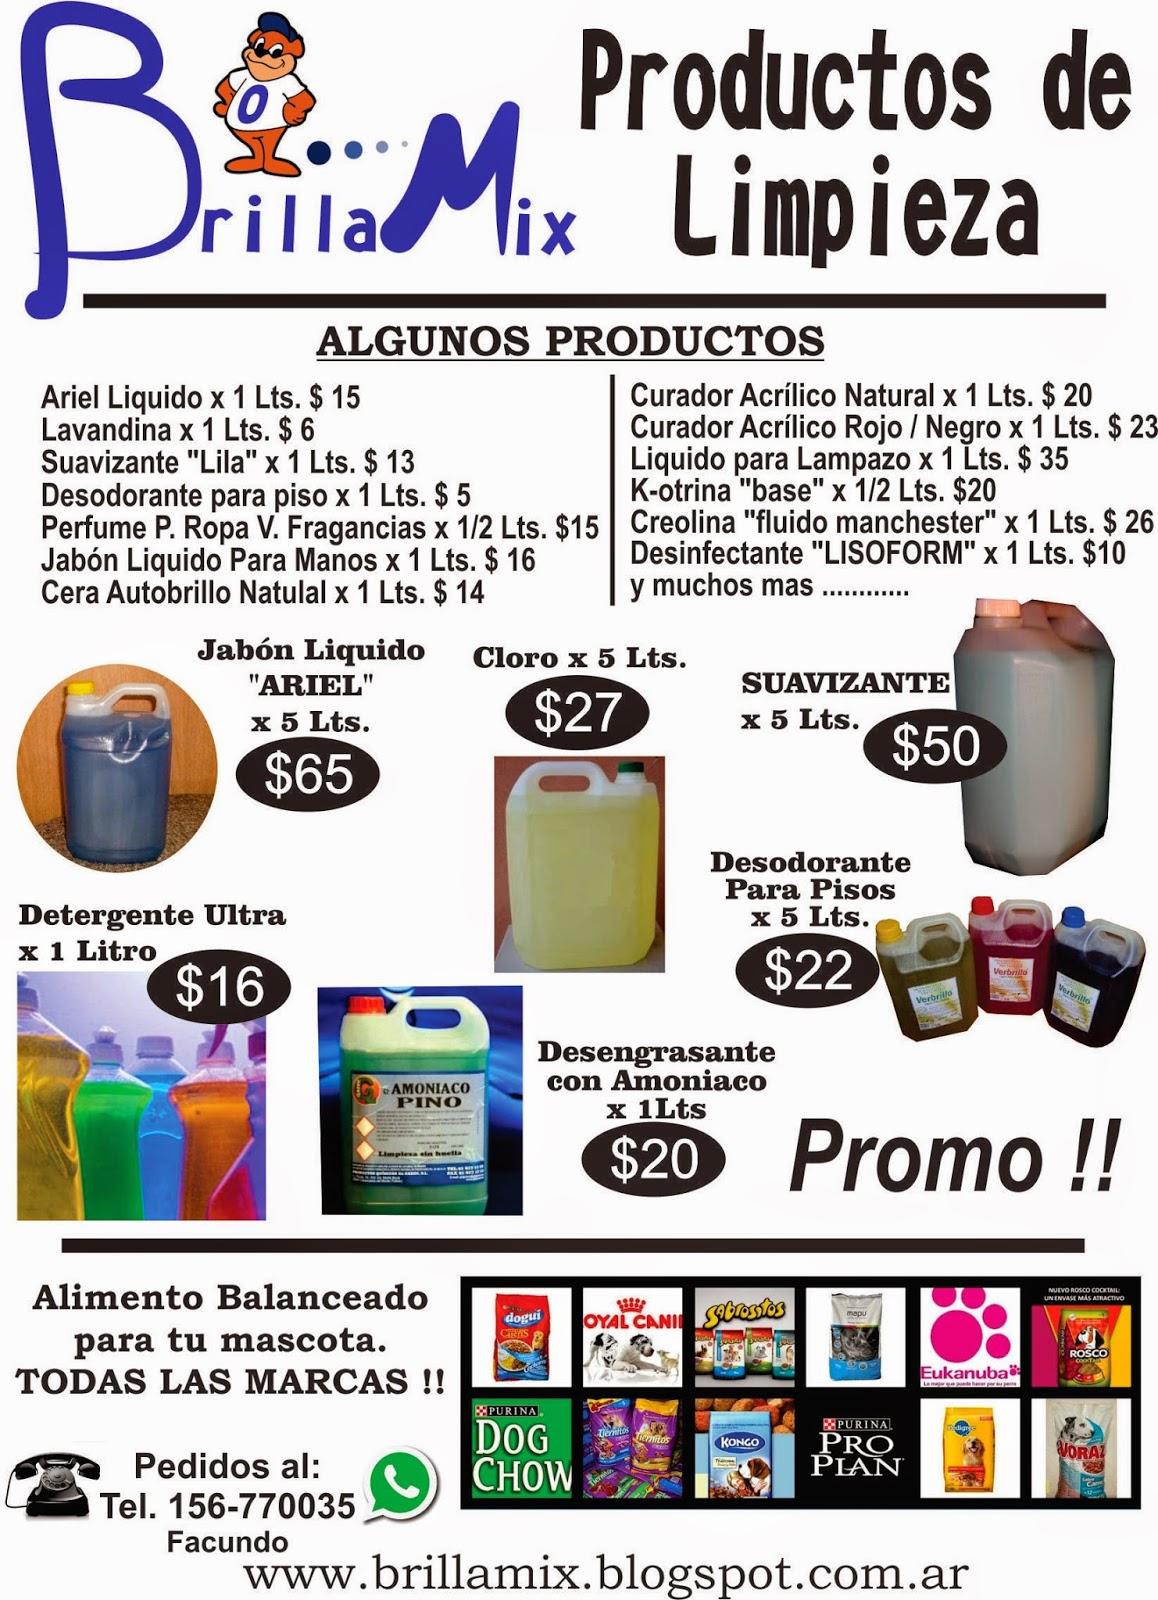 Articulos de limpieza for Productos de limpieza